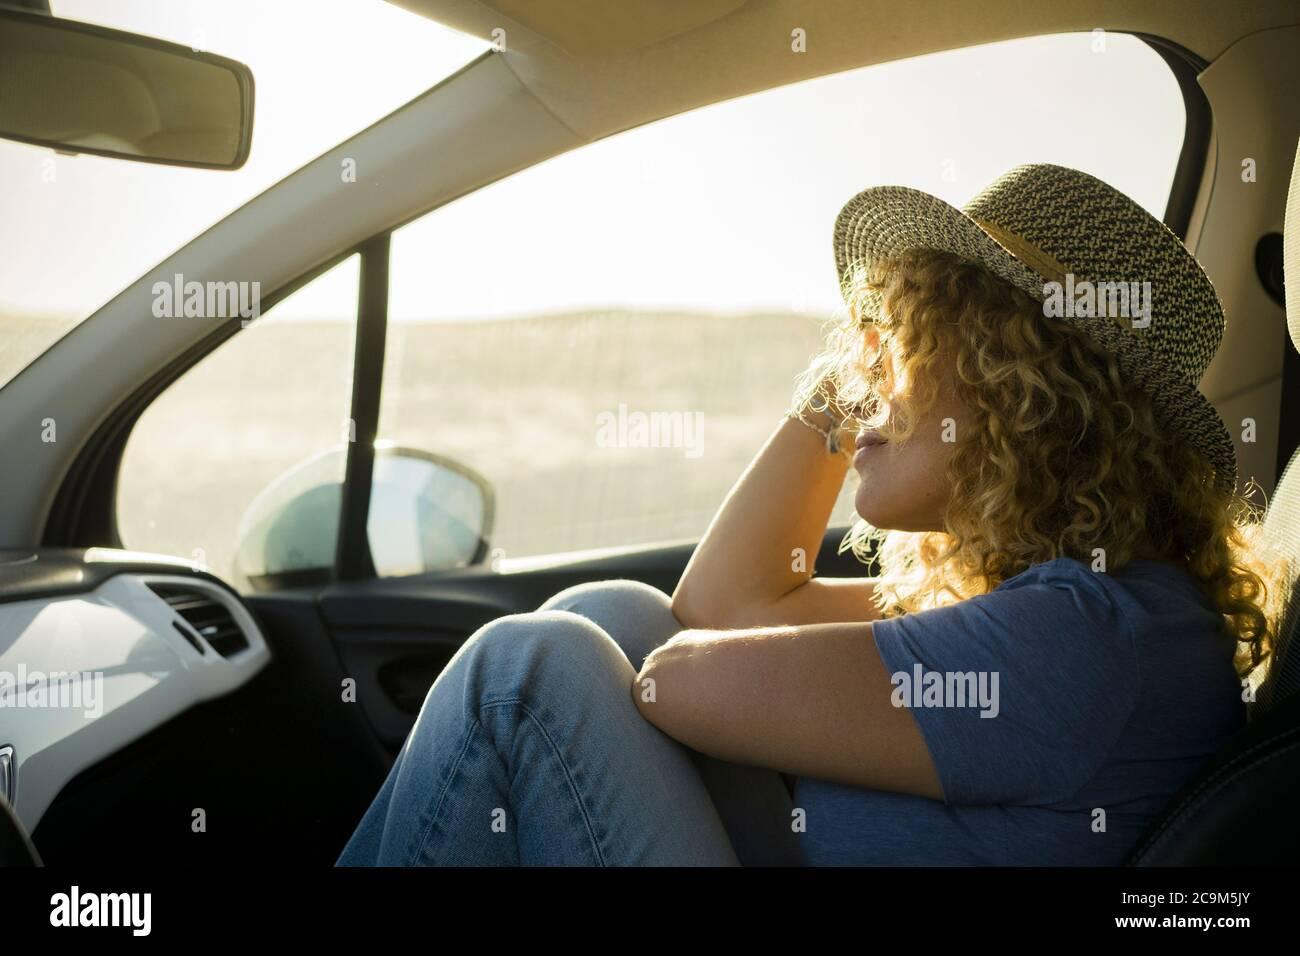 una, bella donna riccia godendo le sue vacanze all'aperto viaggiando con una macchina - tramonto e sole giorno sullo sfondo - persona rilassata e serena Foto Stock